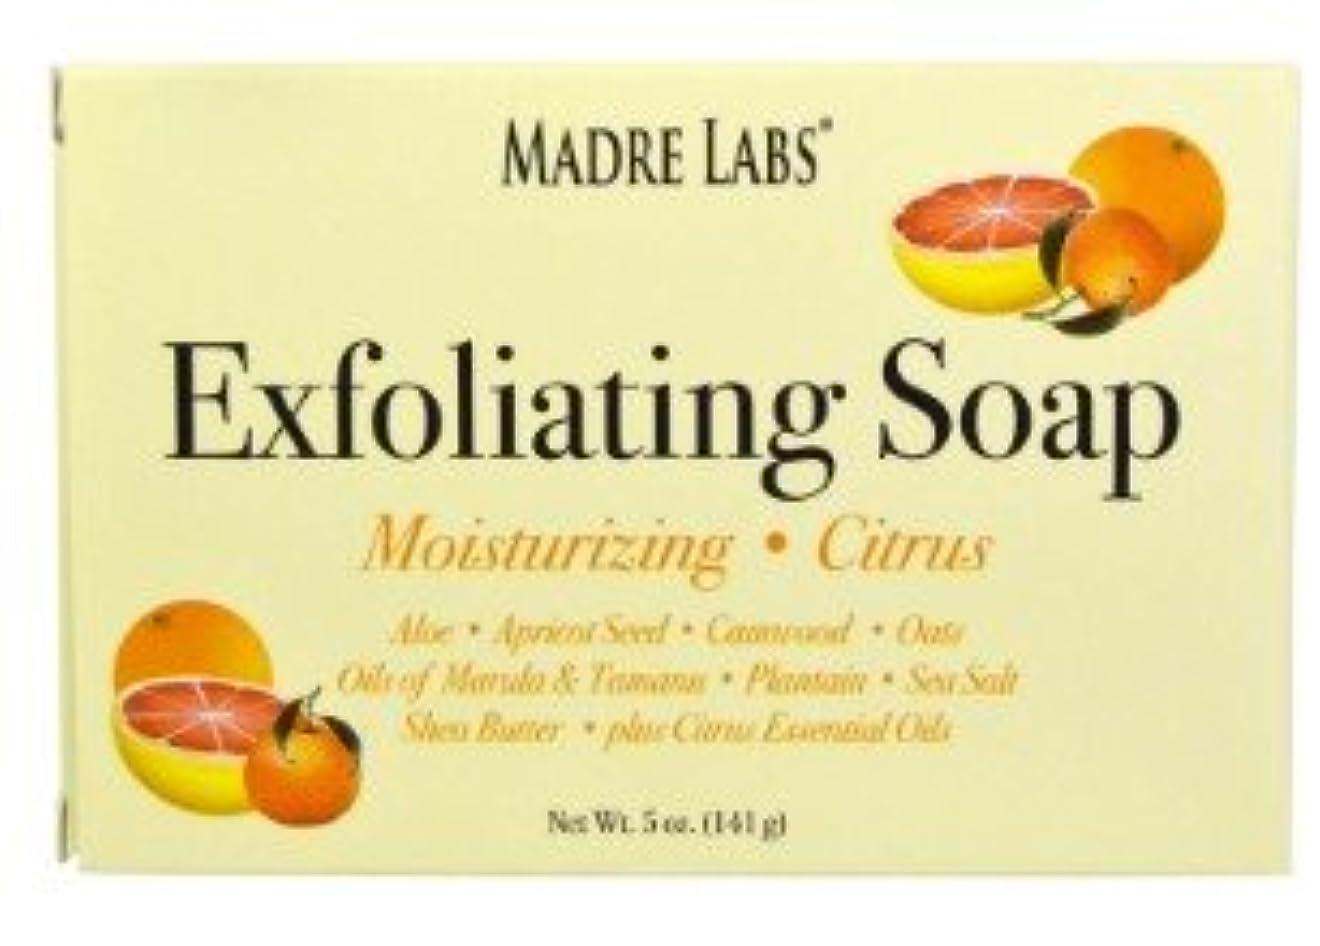 チェス以内に解読するマドレラブ シアバター入り石鹸 柑橘フレーバー Madre Labs Exfoliating Soap Bar with Marula & Tamanu Oils plus Shea Butter [並行輸入品]